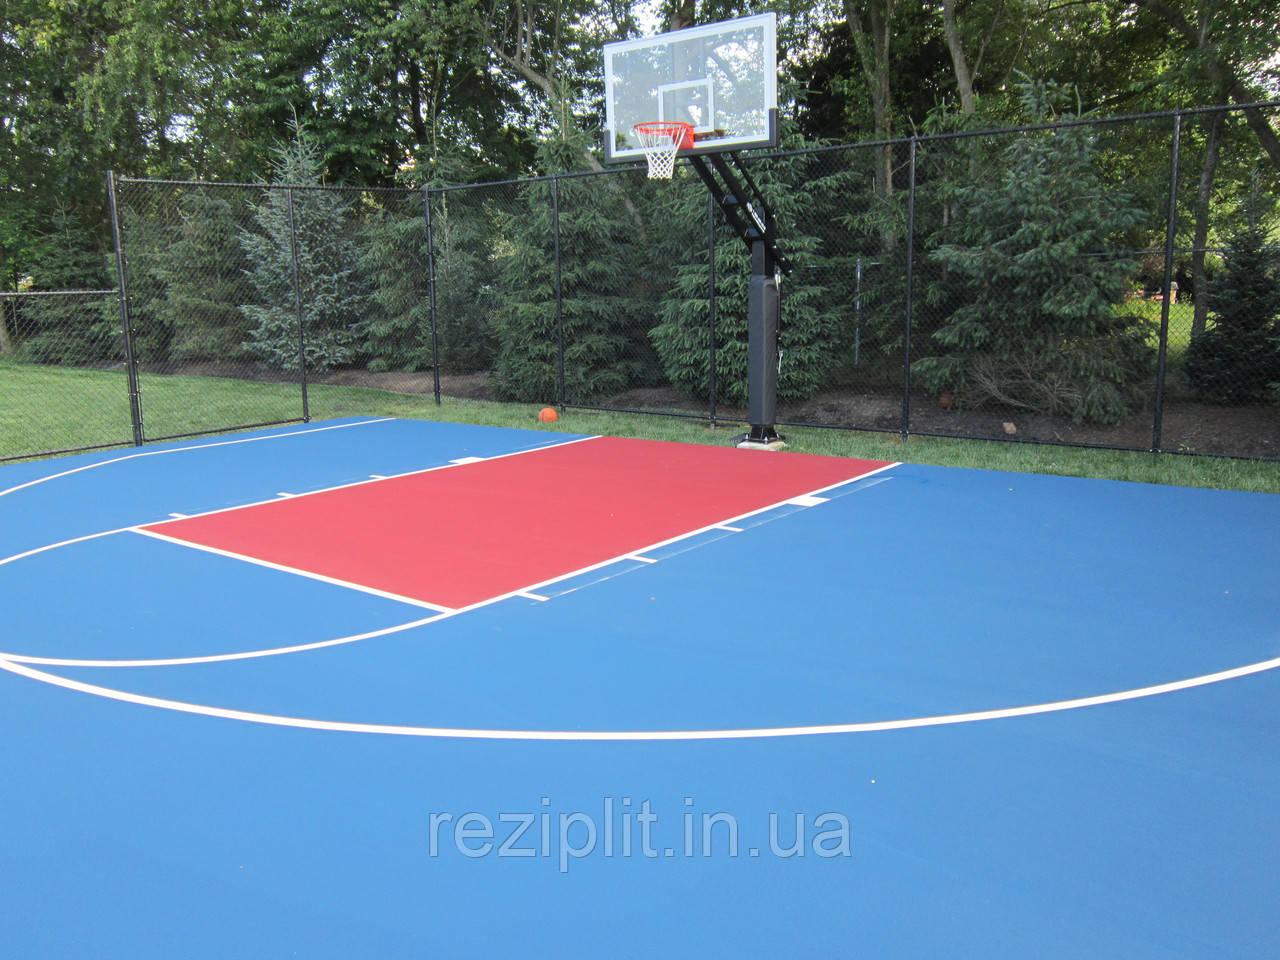 Спортивное покрытие для баскетбольной площадки